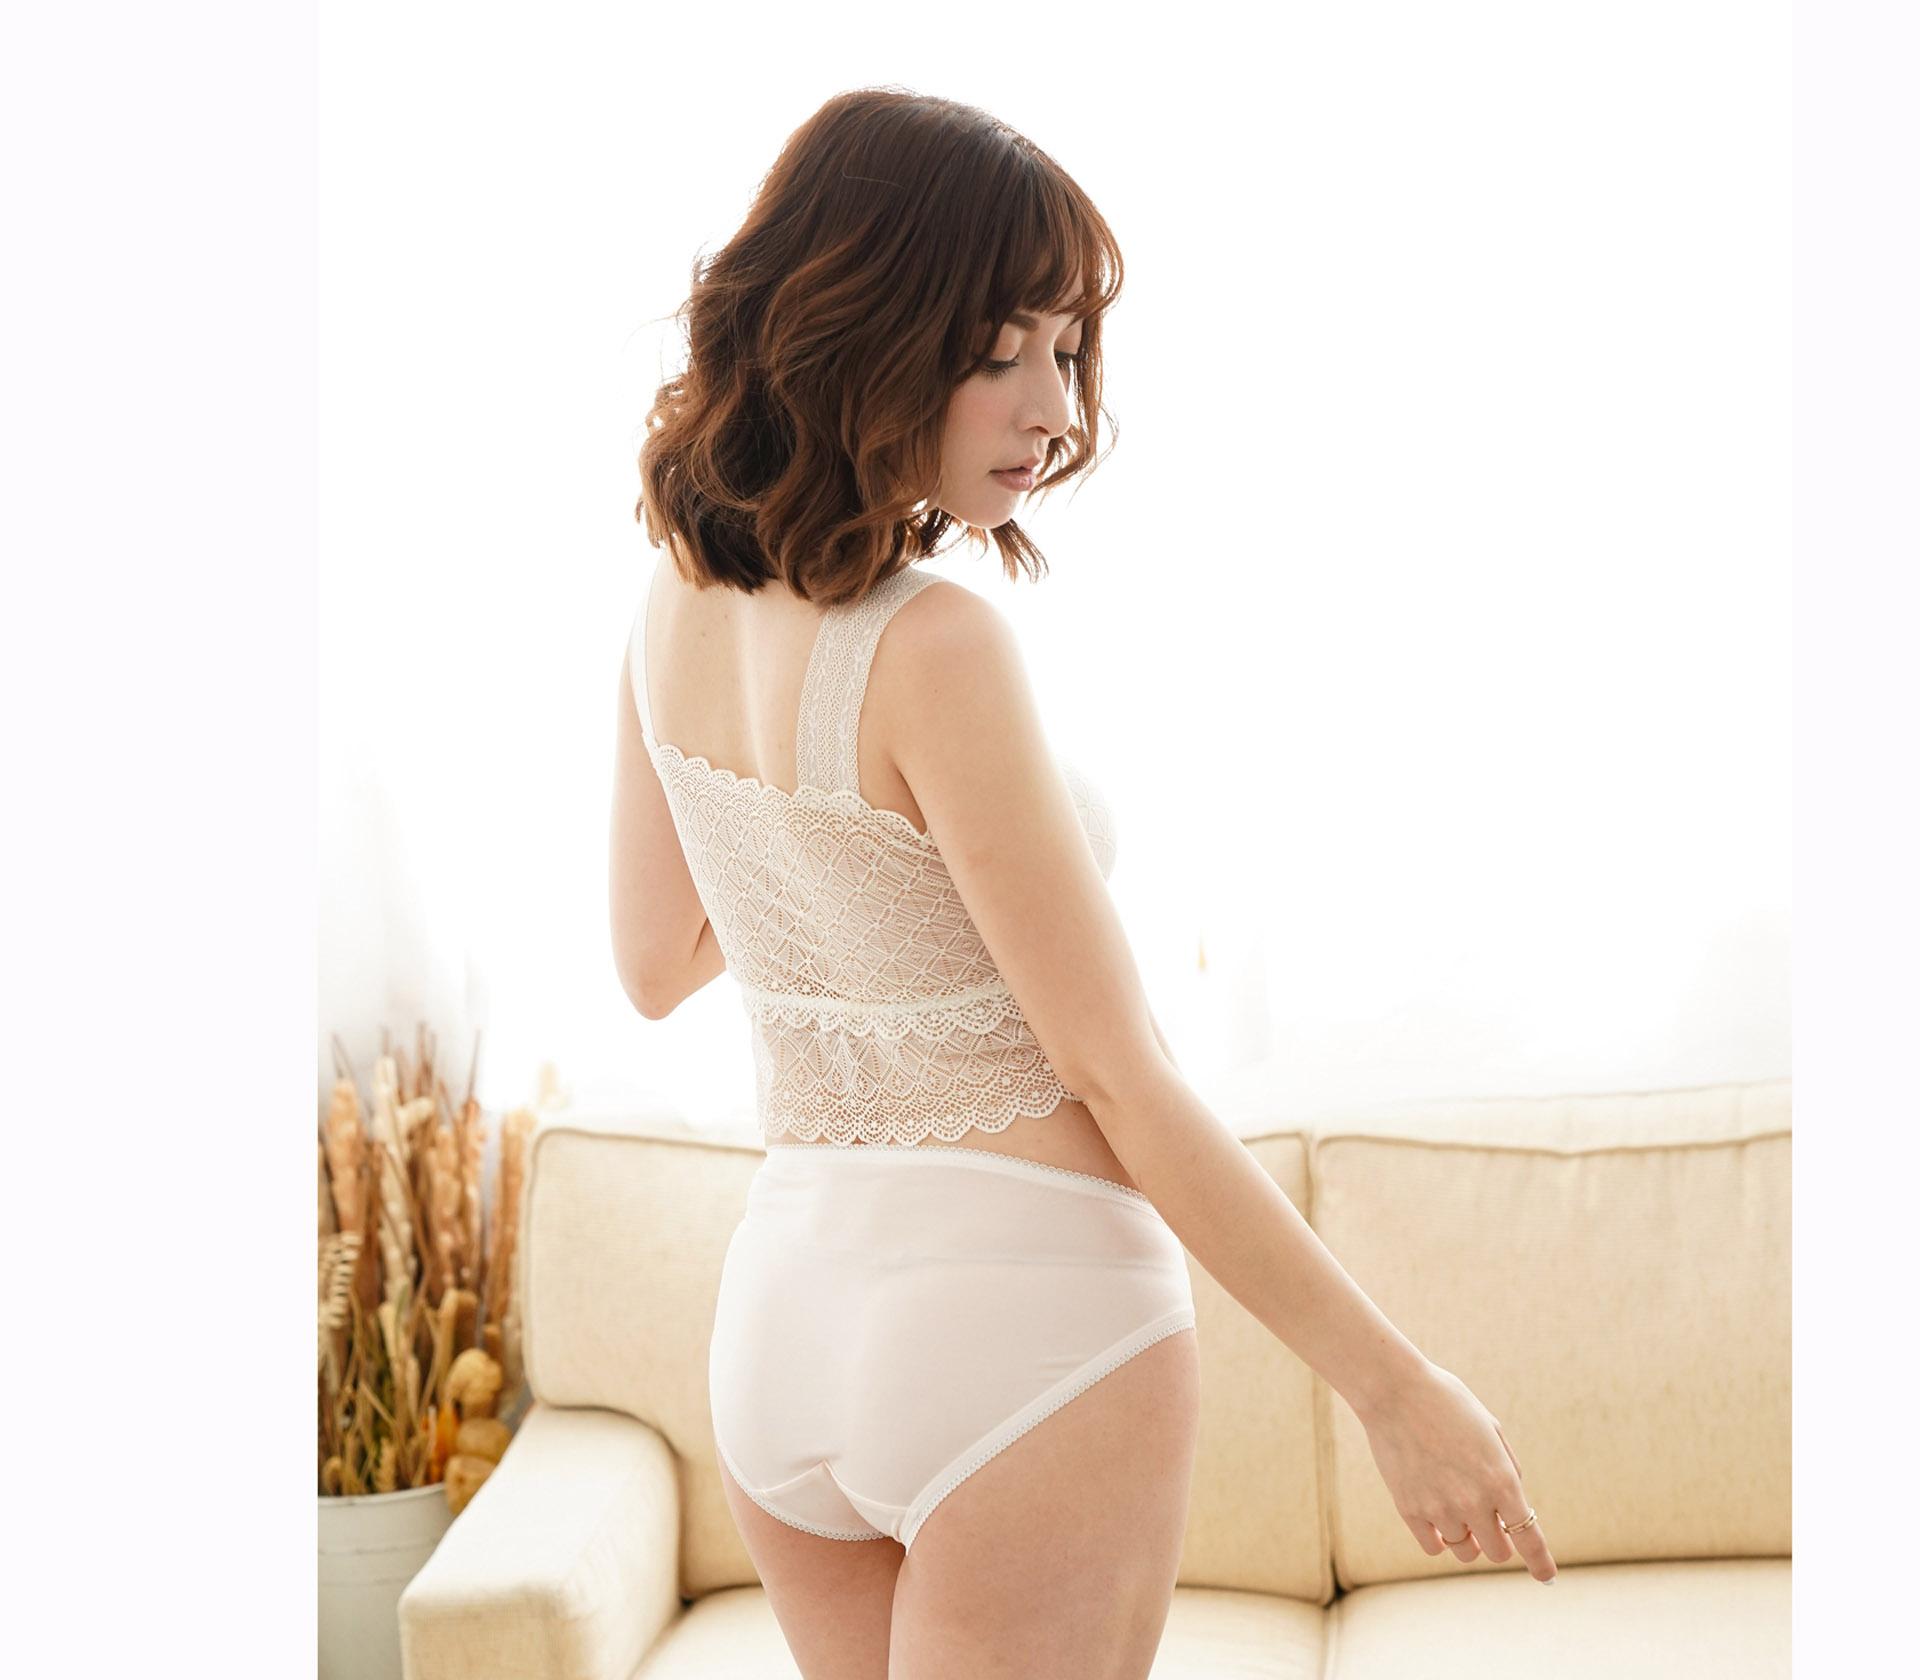 闕蘭絹32針超涼春蠶100%蠶絲內褲-88112-1(淺粉)